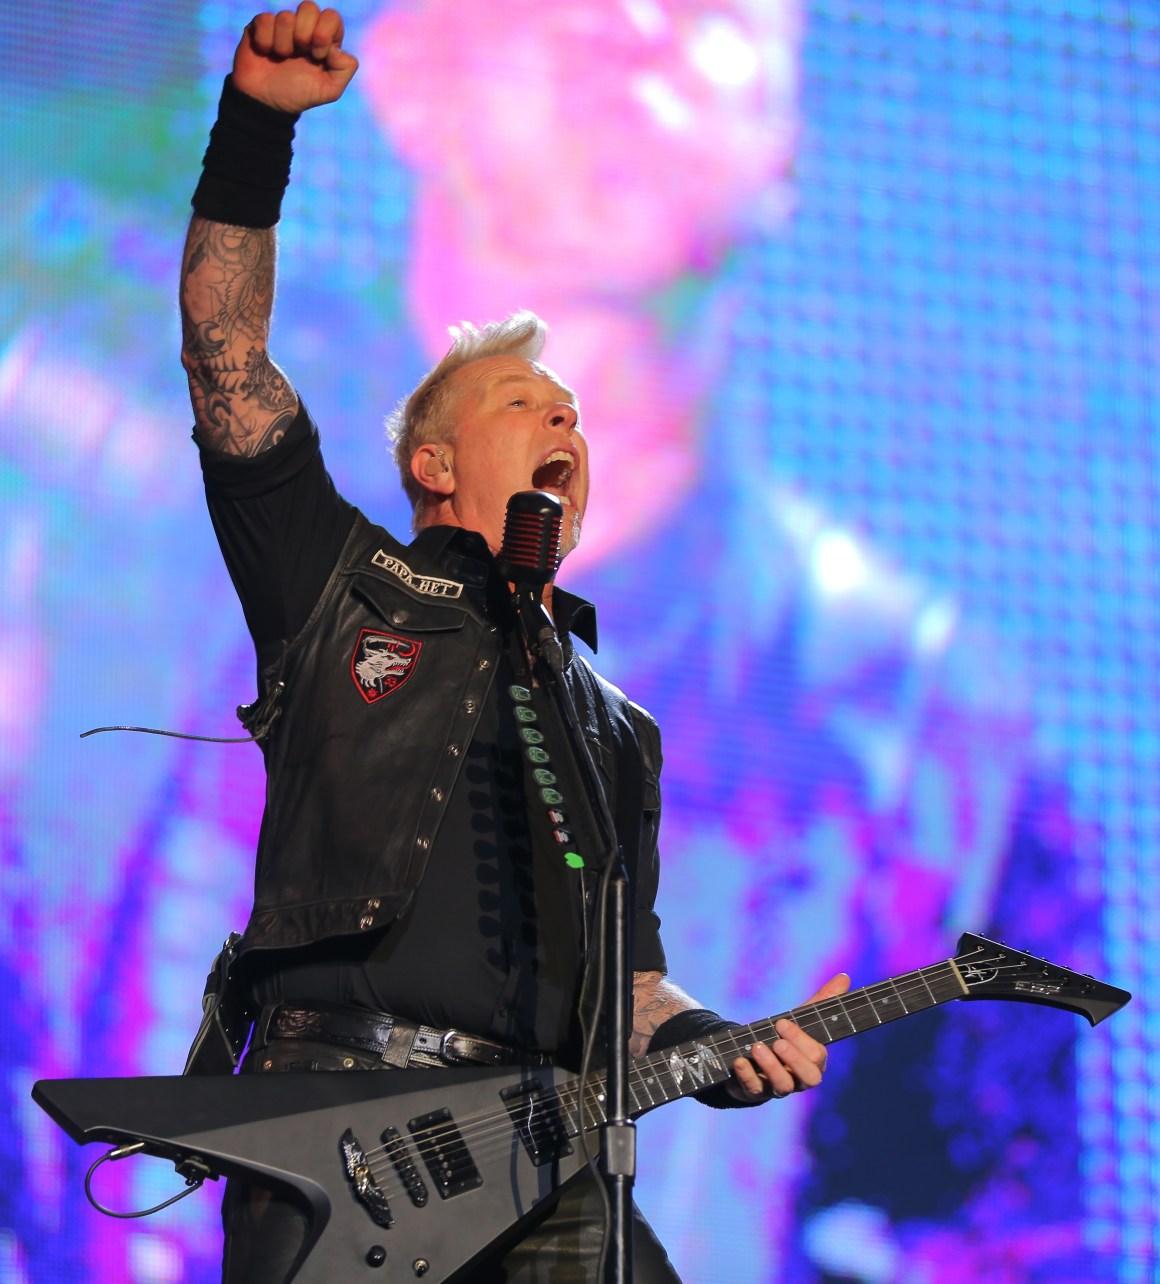 Metallica VTR Stage Lollapalooza Chile 2017 Parque O'Higgins, Santiago, Chile. Sabado 01 de Abril Foto por Carlos Muller/ para Lotus Producciones